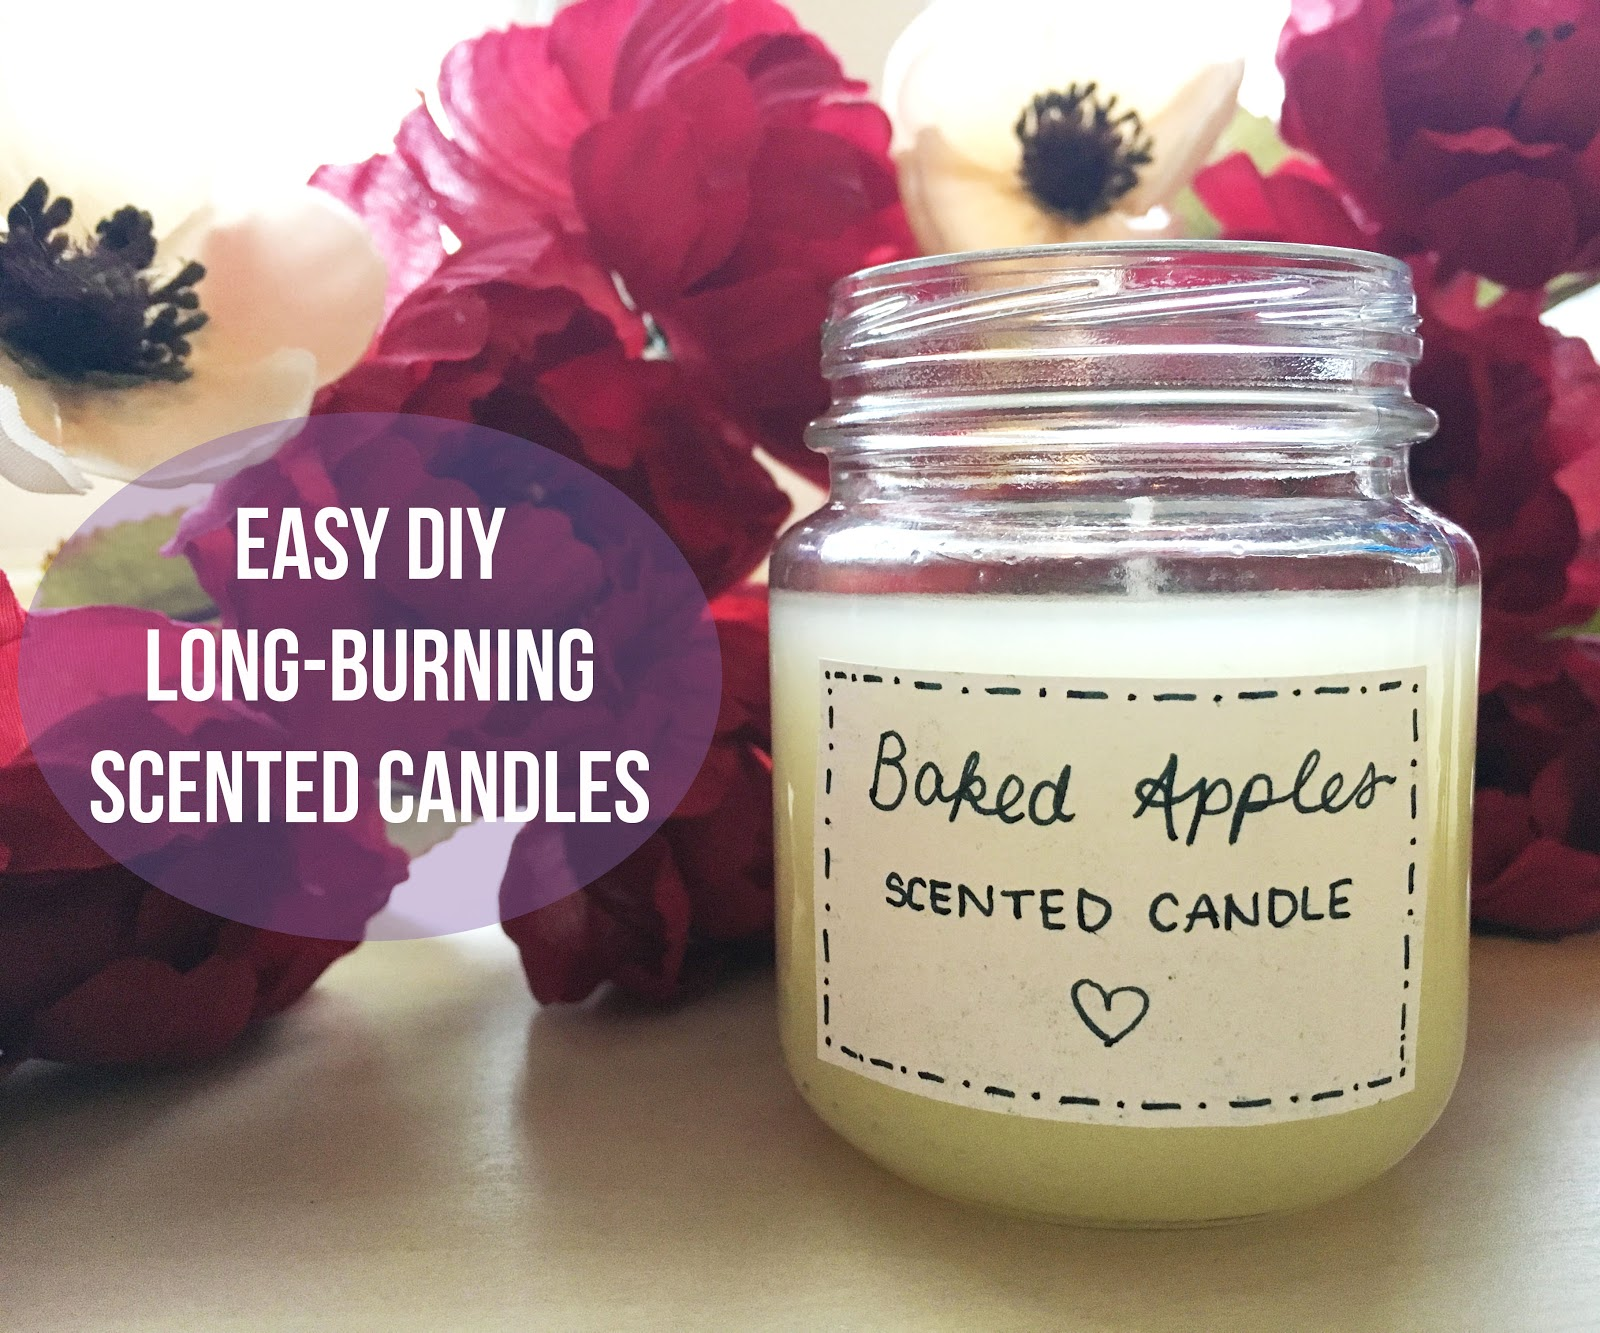 Easy DIY Long-Burning Scented Candles | Akinokiki